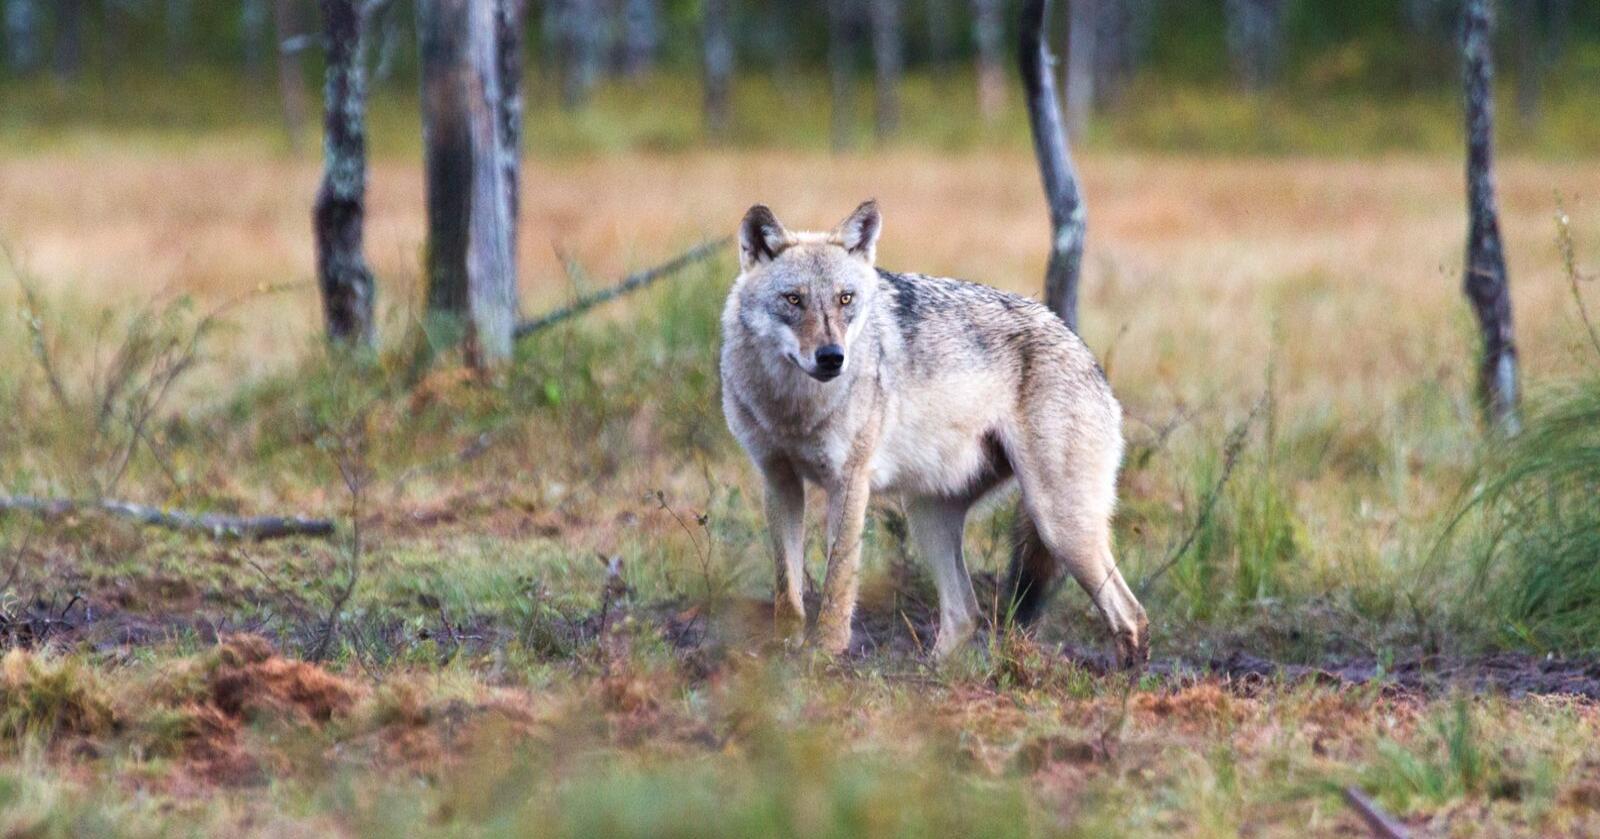 Kostnader: Som ledere for de fylkeslagene av Norges Bondelag som ligger i ulvesona, ønsker vi å peke på kostnadene som ulveforvaltninga fører med seg, skriver forfatterne av kronikken. Foto: Mostphotos